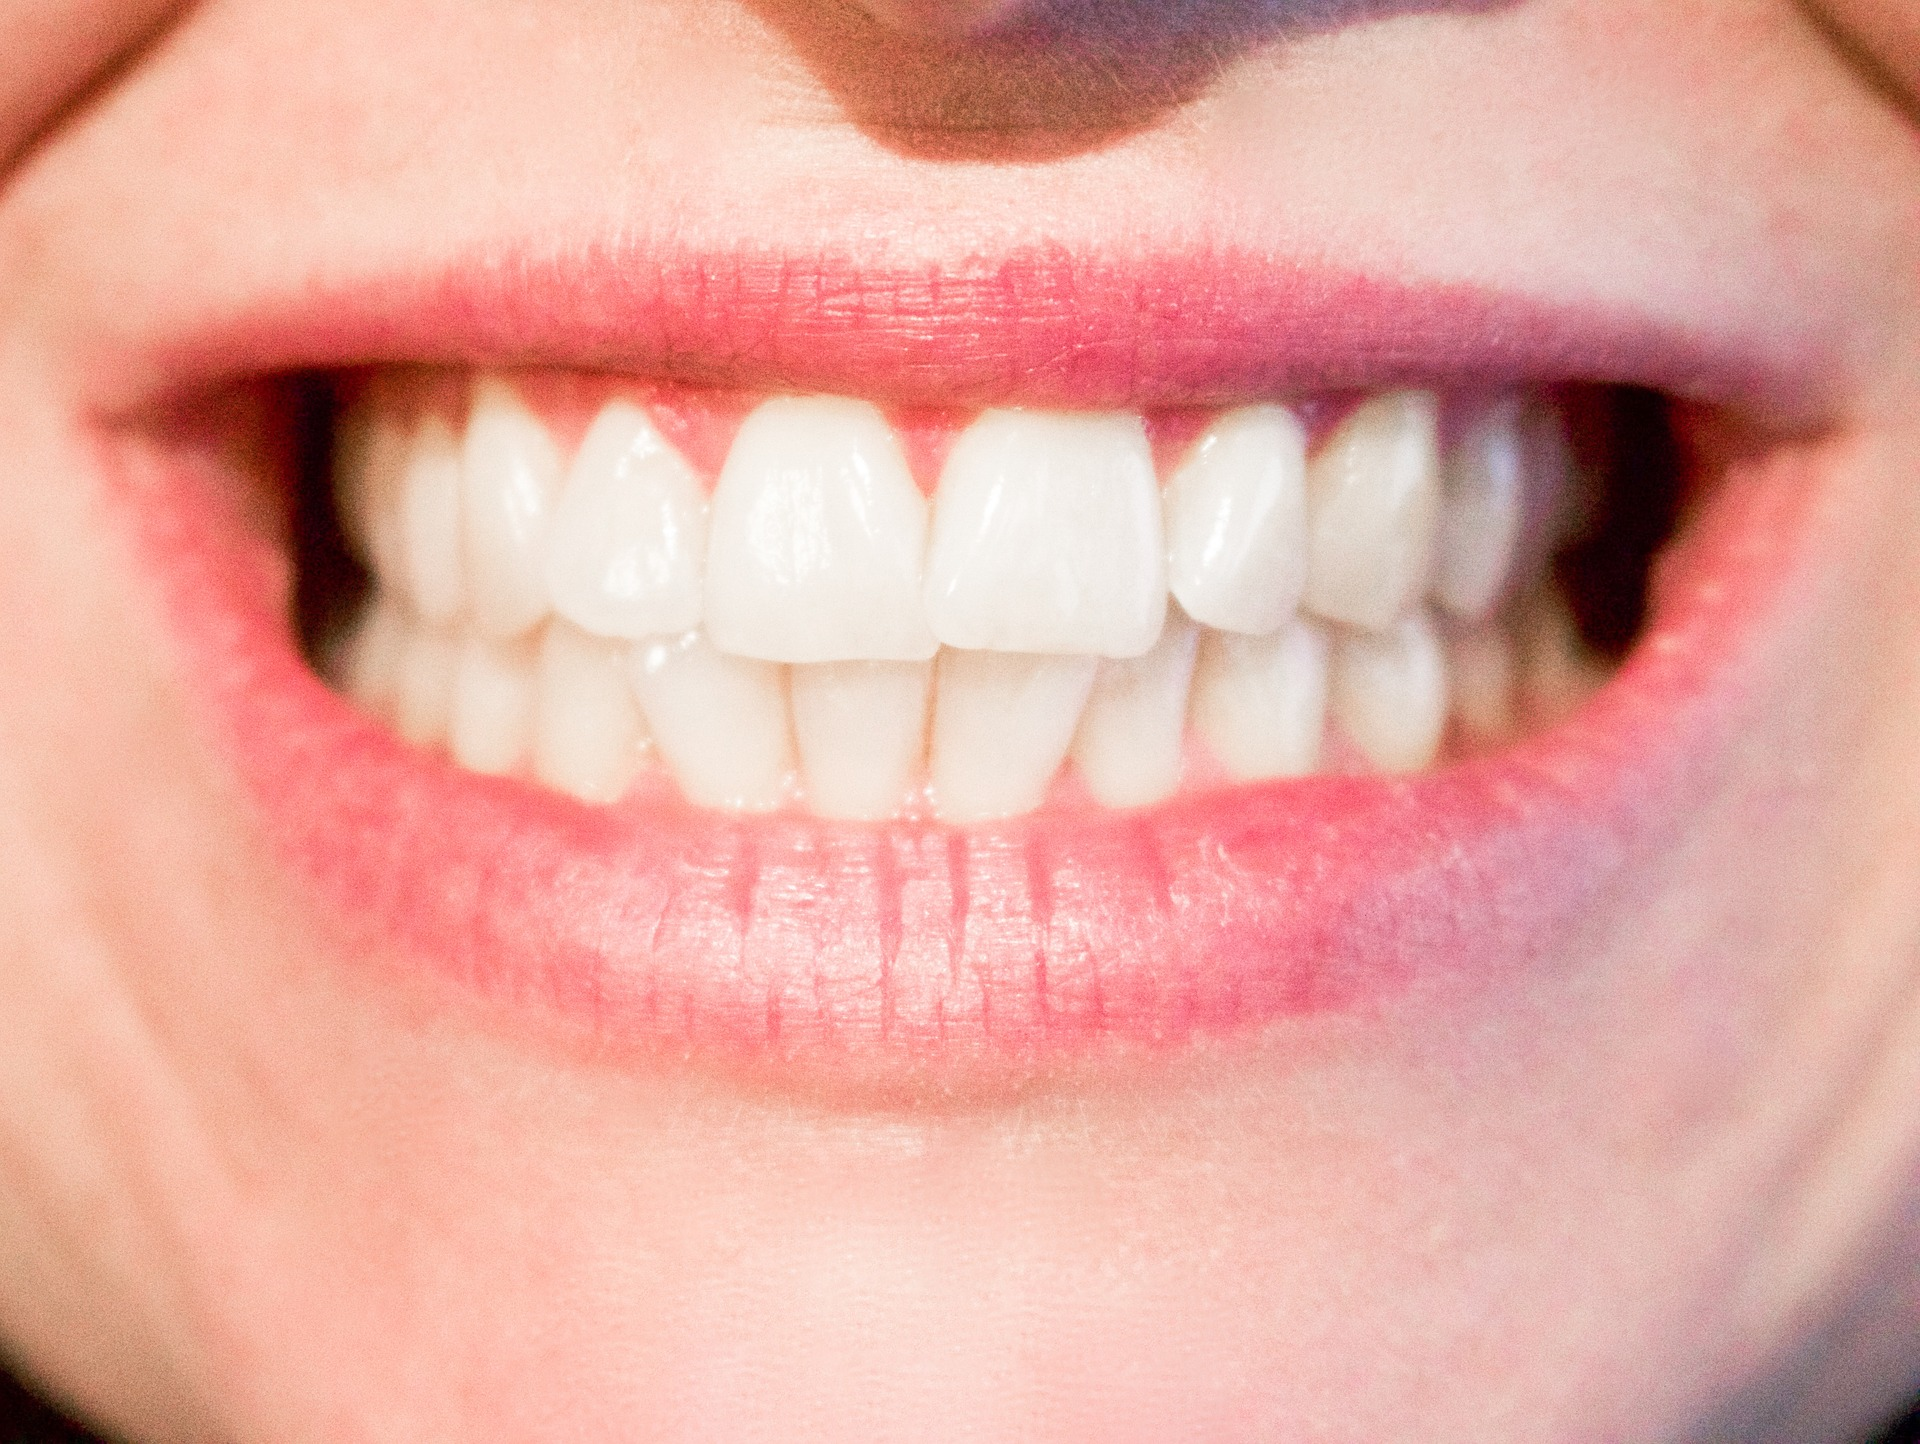 La salud empieza en tu boca